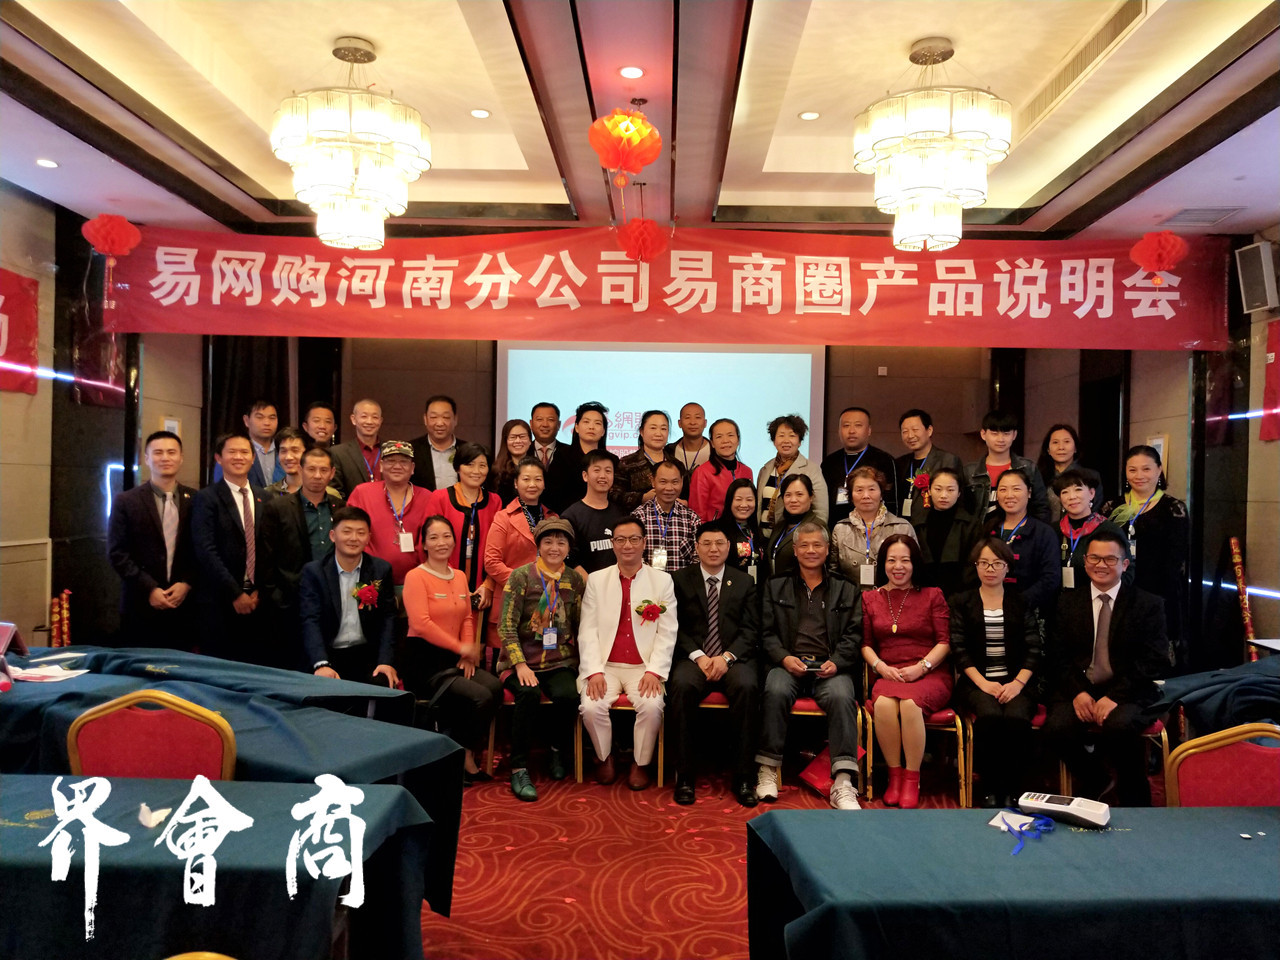 http://mp.cnfol.com.hudonglaw.com/33903/article/1540043690-138089707